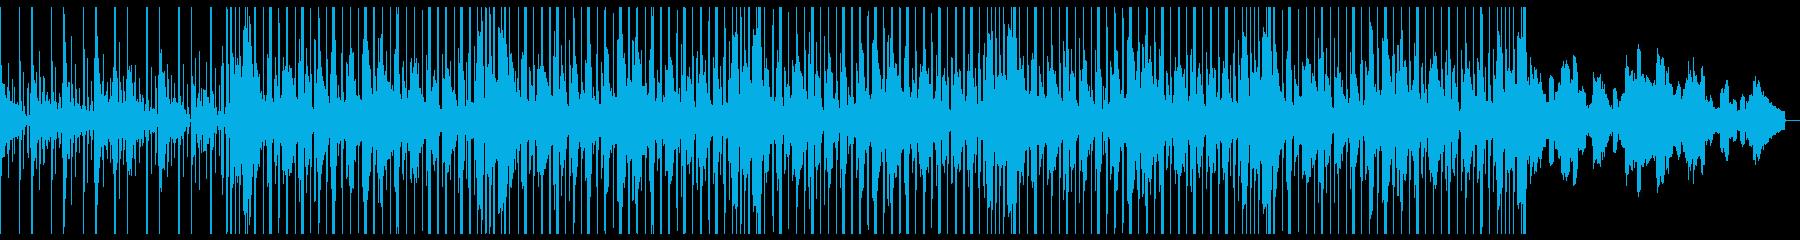 海のキラキラ系の神秘的JAZZYビートの再生済みの波形